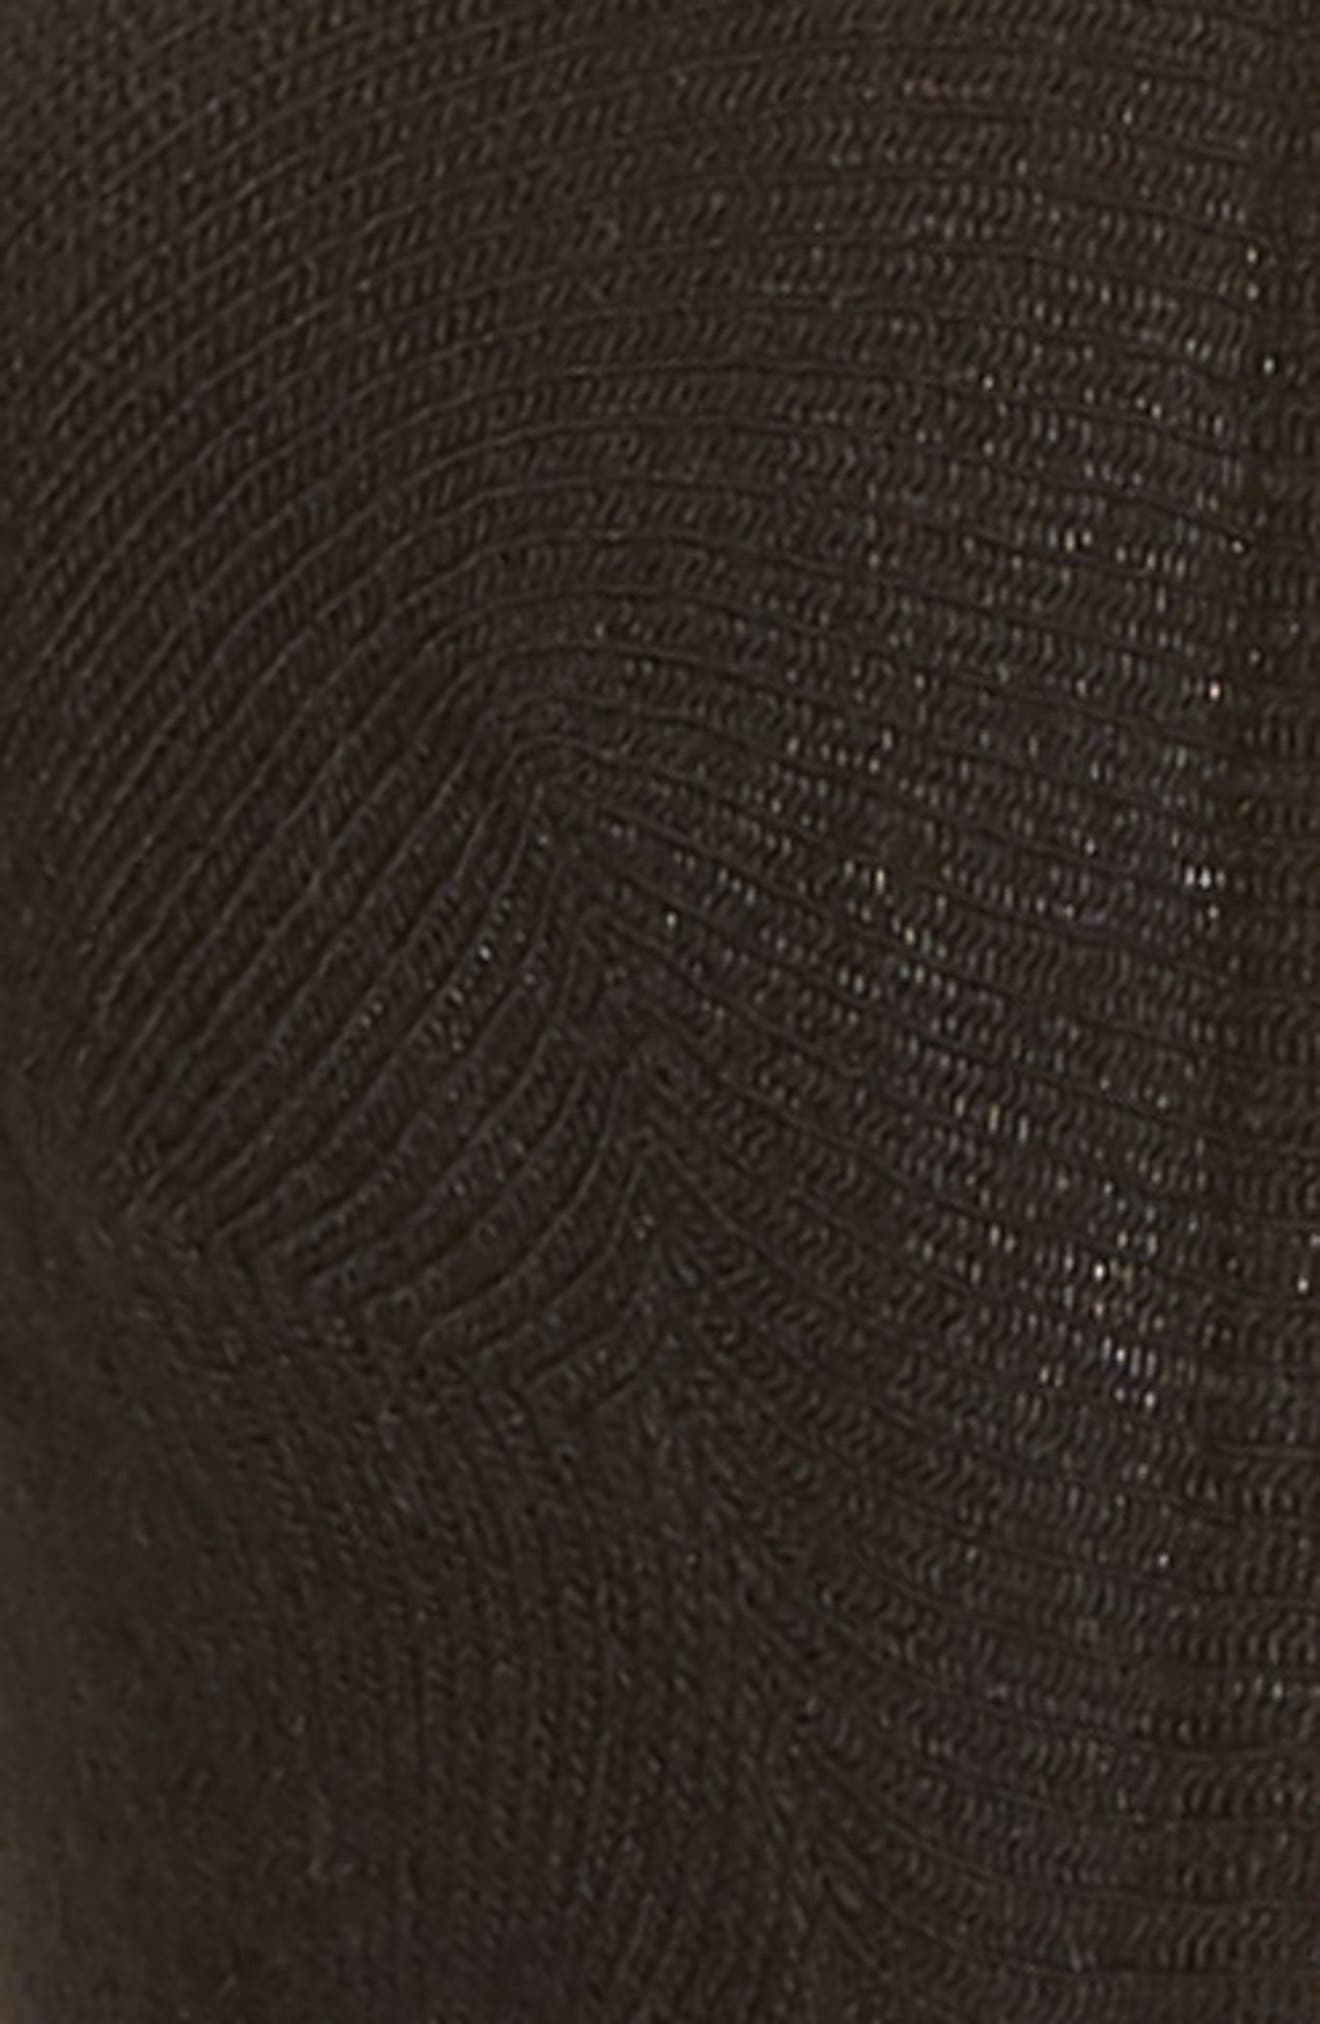 Undercover Liner Socks,                             Alternate thumbnail 2, color,                             Black